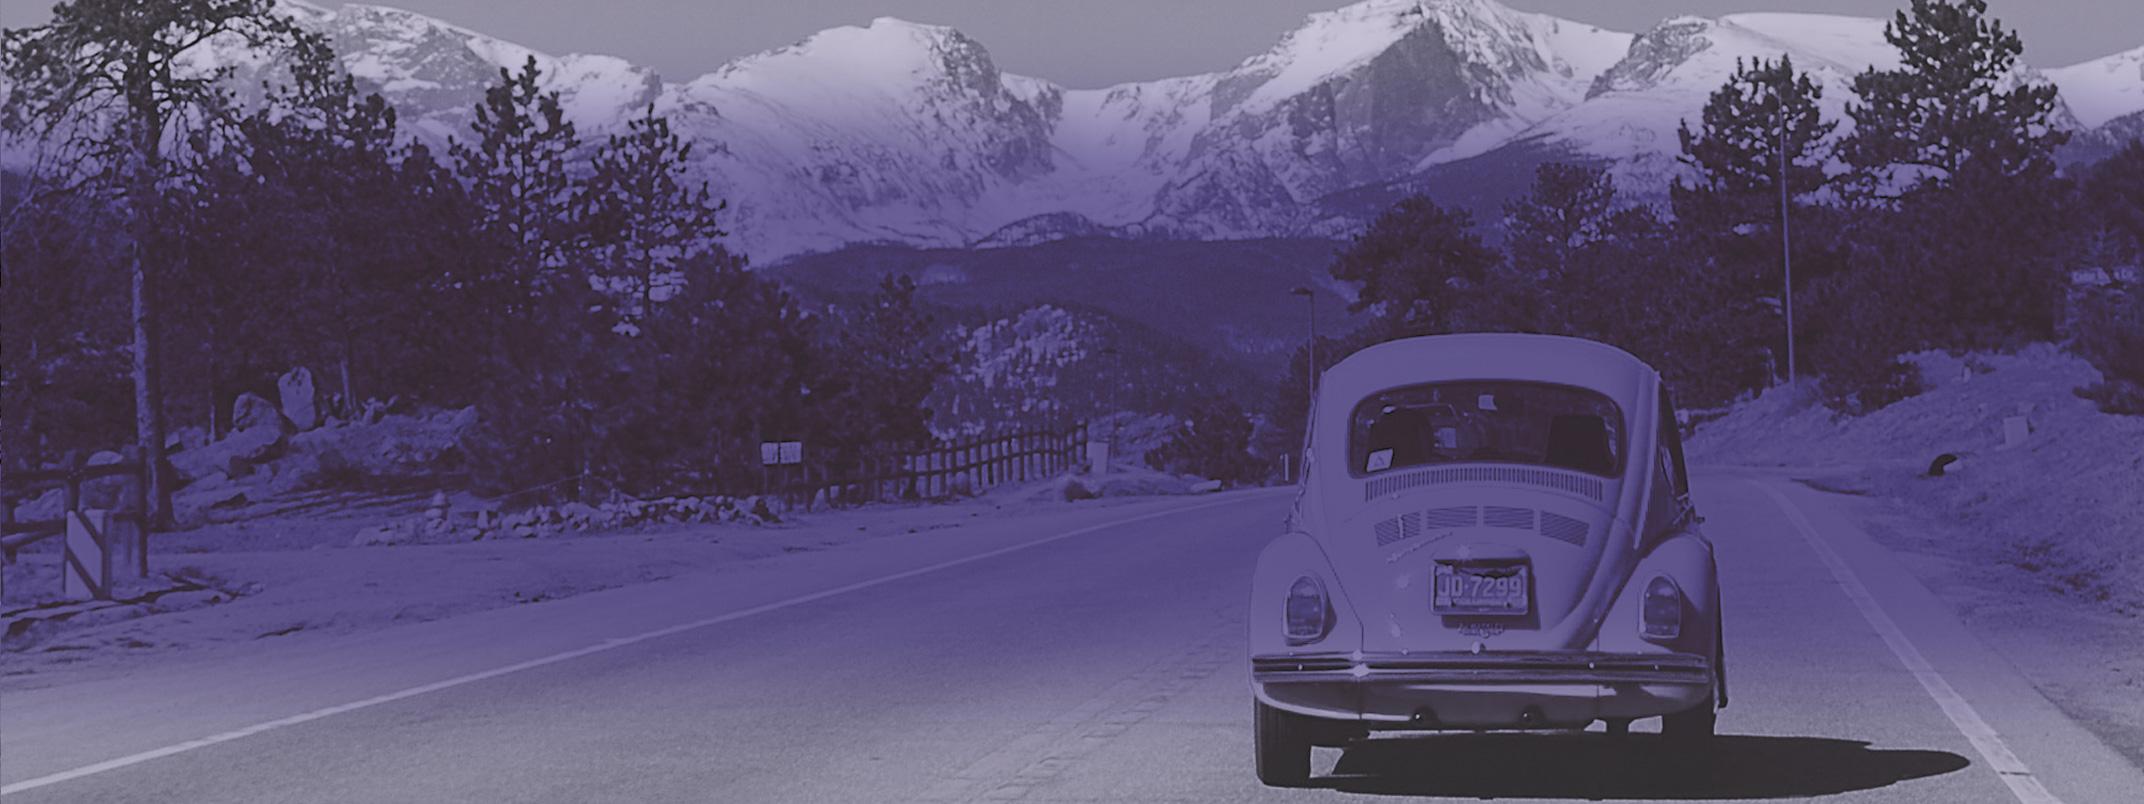 rocky-mtn-road3